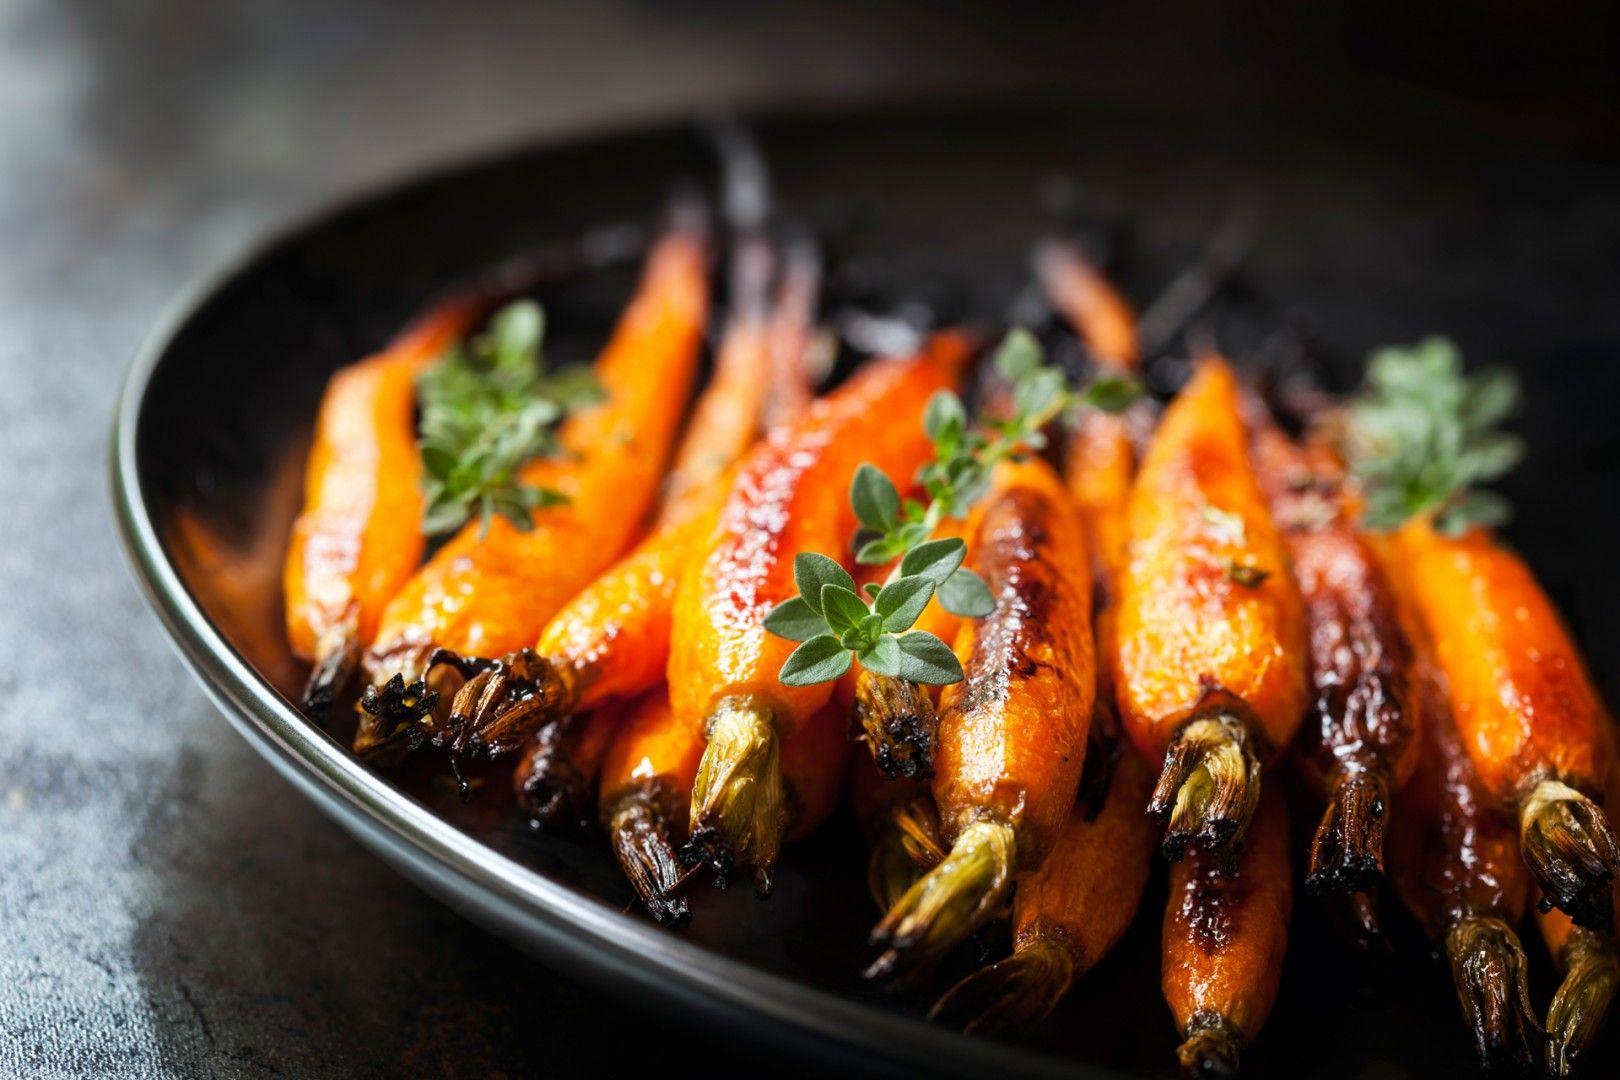 Amerikanisches Weihnachtsessen.Glasierte Karotten Rezept Vegetarisch Beilage Recipes